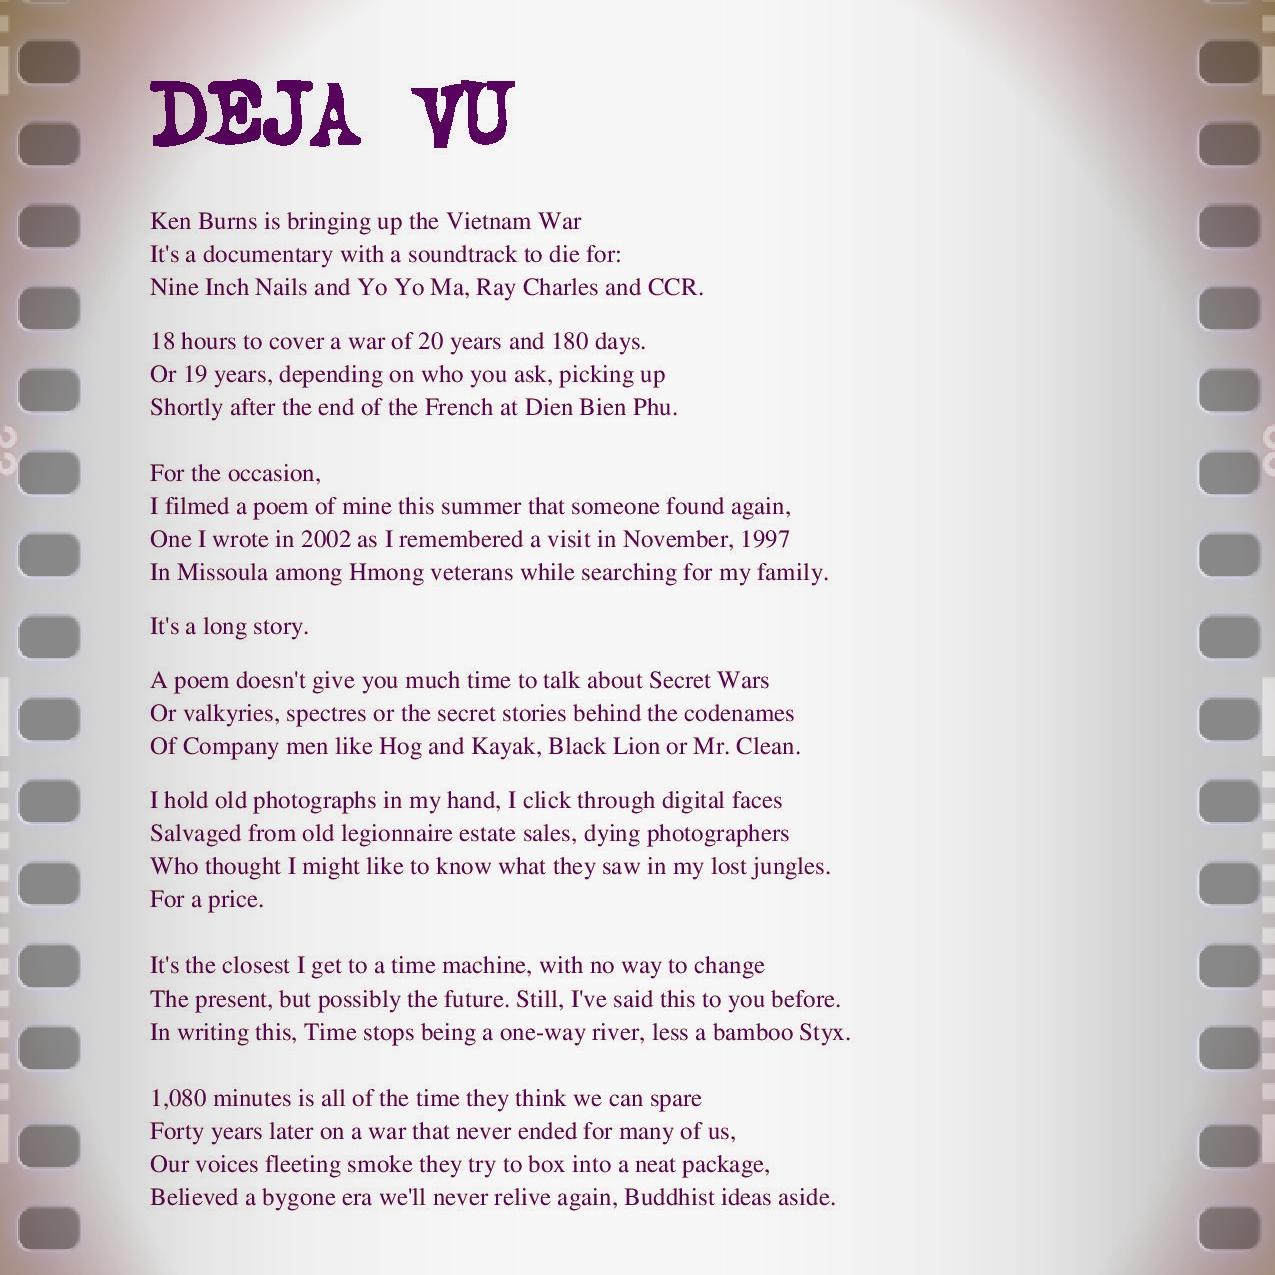 Deja vu poem